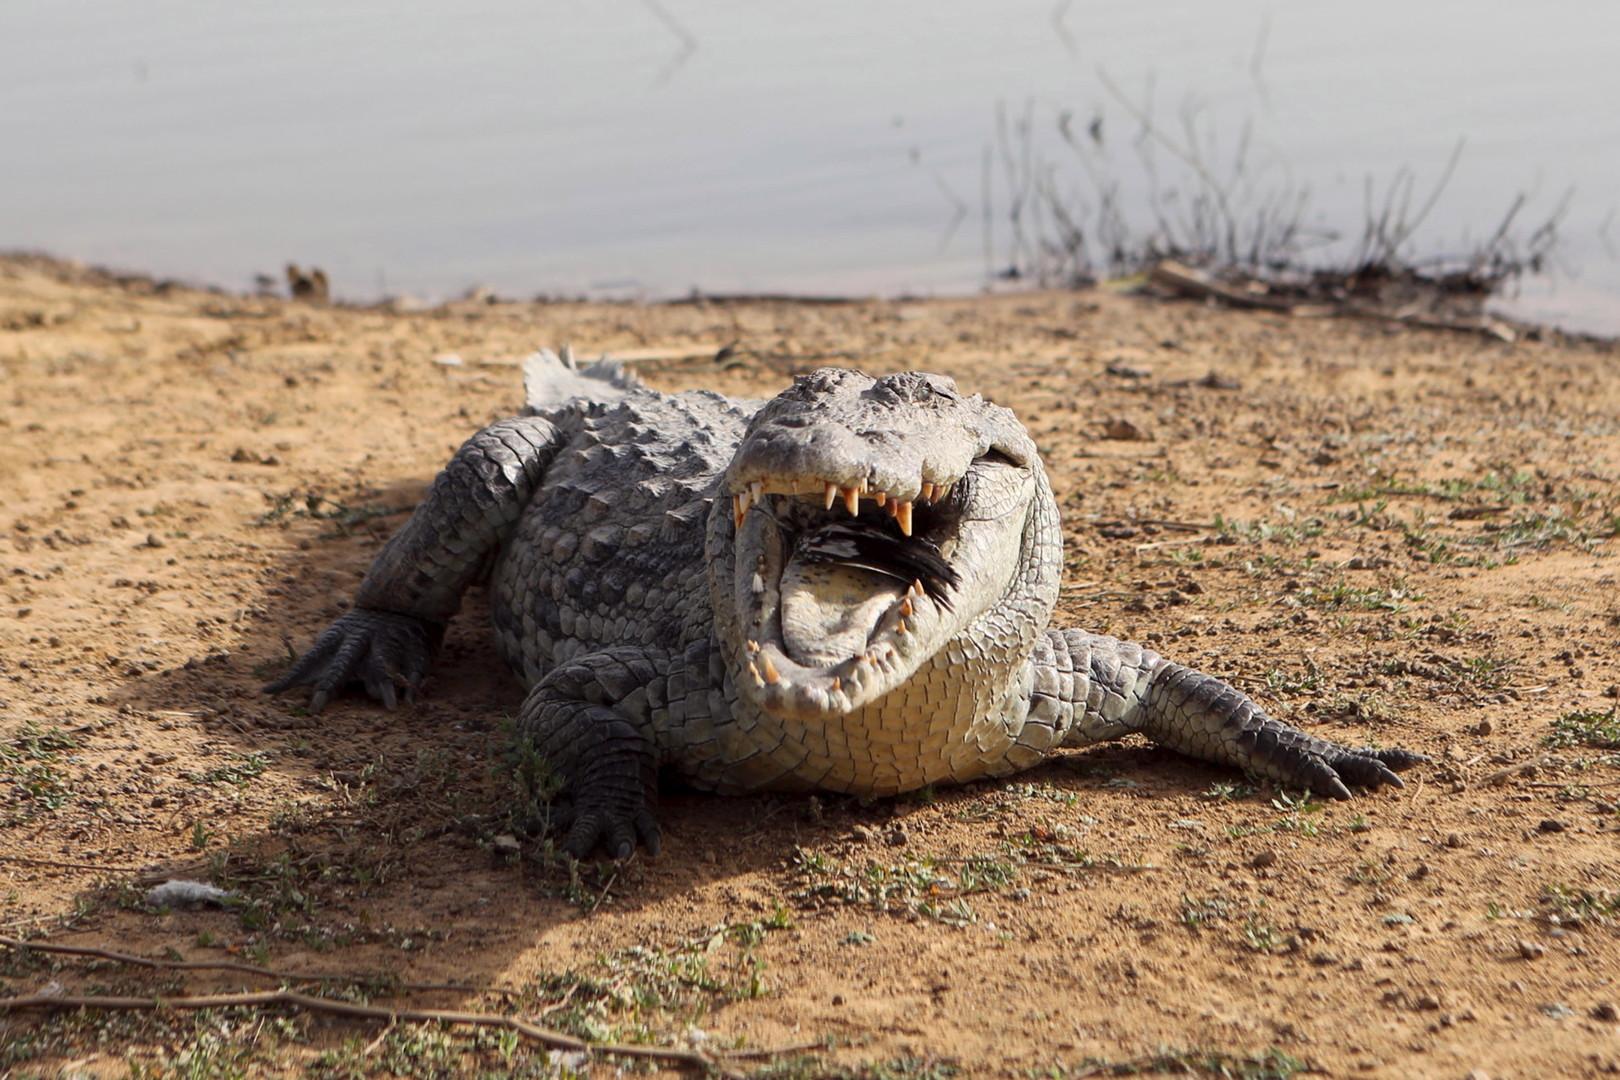 ظهور تماسيح النيل الأكثر عدوانية للأهالي.. السودان تحذر وحكومة مصر توضح